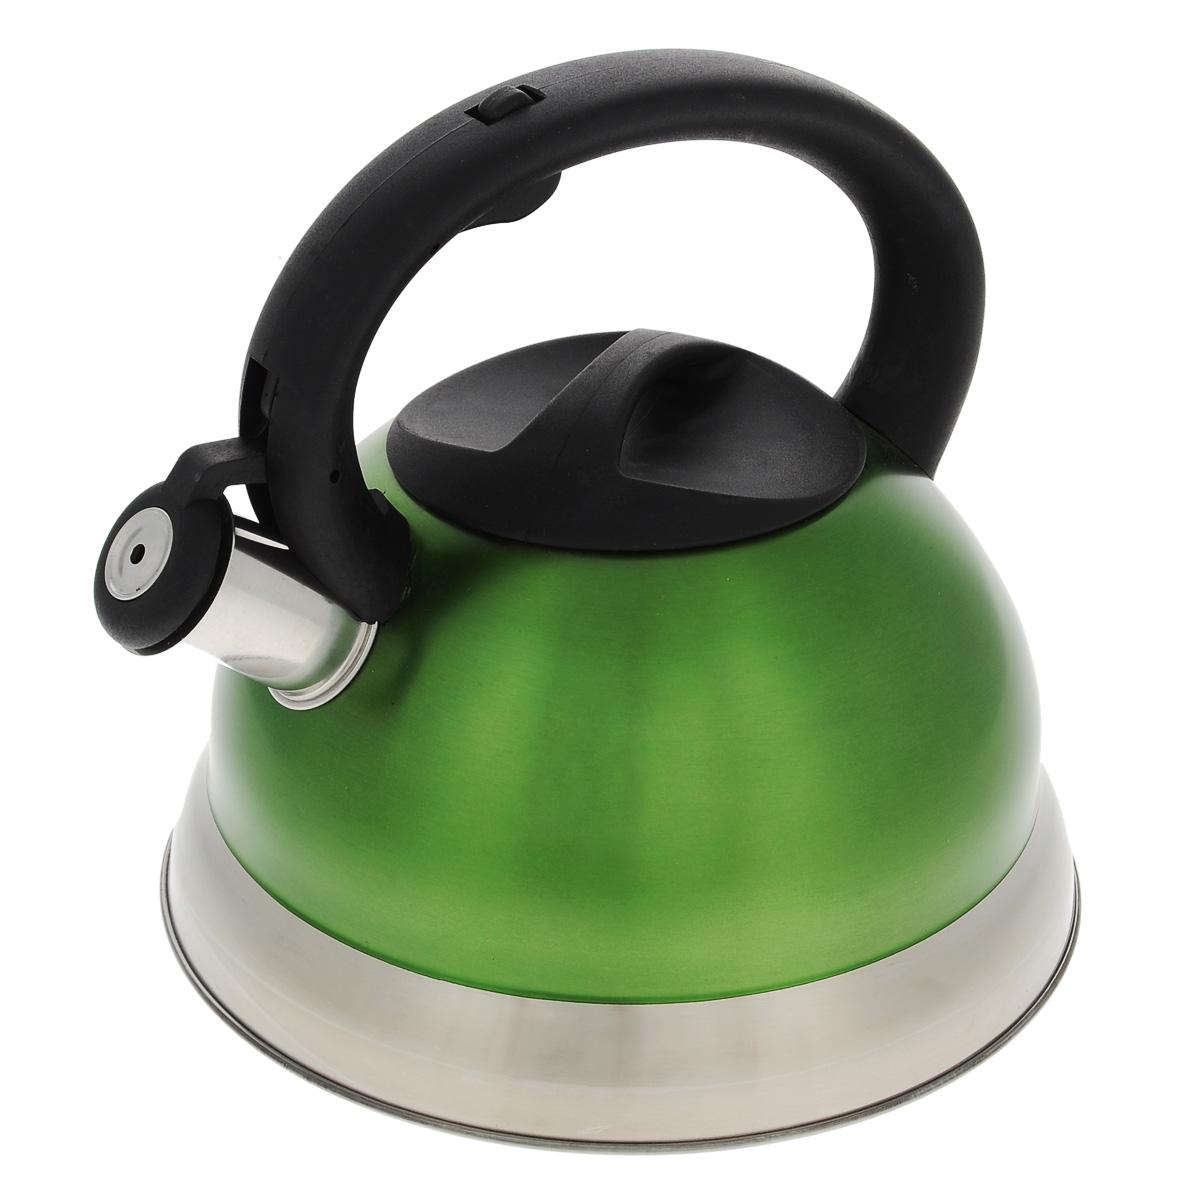 Чайник Bekker Premium со свистком, цвет: зеленый, 2,7 л. BK-S461BK-S461Чайник Bekker Premium изготовлен из высококачественной нержавеющей стали 18/10 с цветным матовым покрытием. Капсулированное дно распределяет тепло по всей поверхности, что позволяет чайнику быстро закипать. Крышка и эргономичная фиксированная ручка выполнены из бакелита черного цвета. Носик оснащен откидным свистком, который подскажет, когда закипела вода. Свисток открывается и закрывается нажатием кнопки на рукоятке.Подходит для всех типов плит, включая индукционные. Можно мыть в посудомоечной машине. Высота чайника (без учета ручки): 11,5 см.Высота чайника (с учетом ручки): 21 см. Толщина стенки: 0,4 мм.